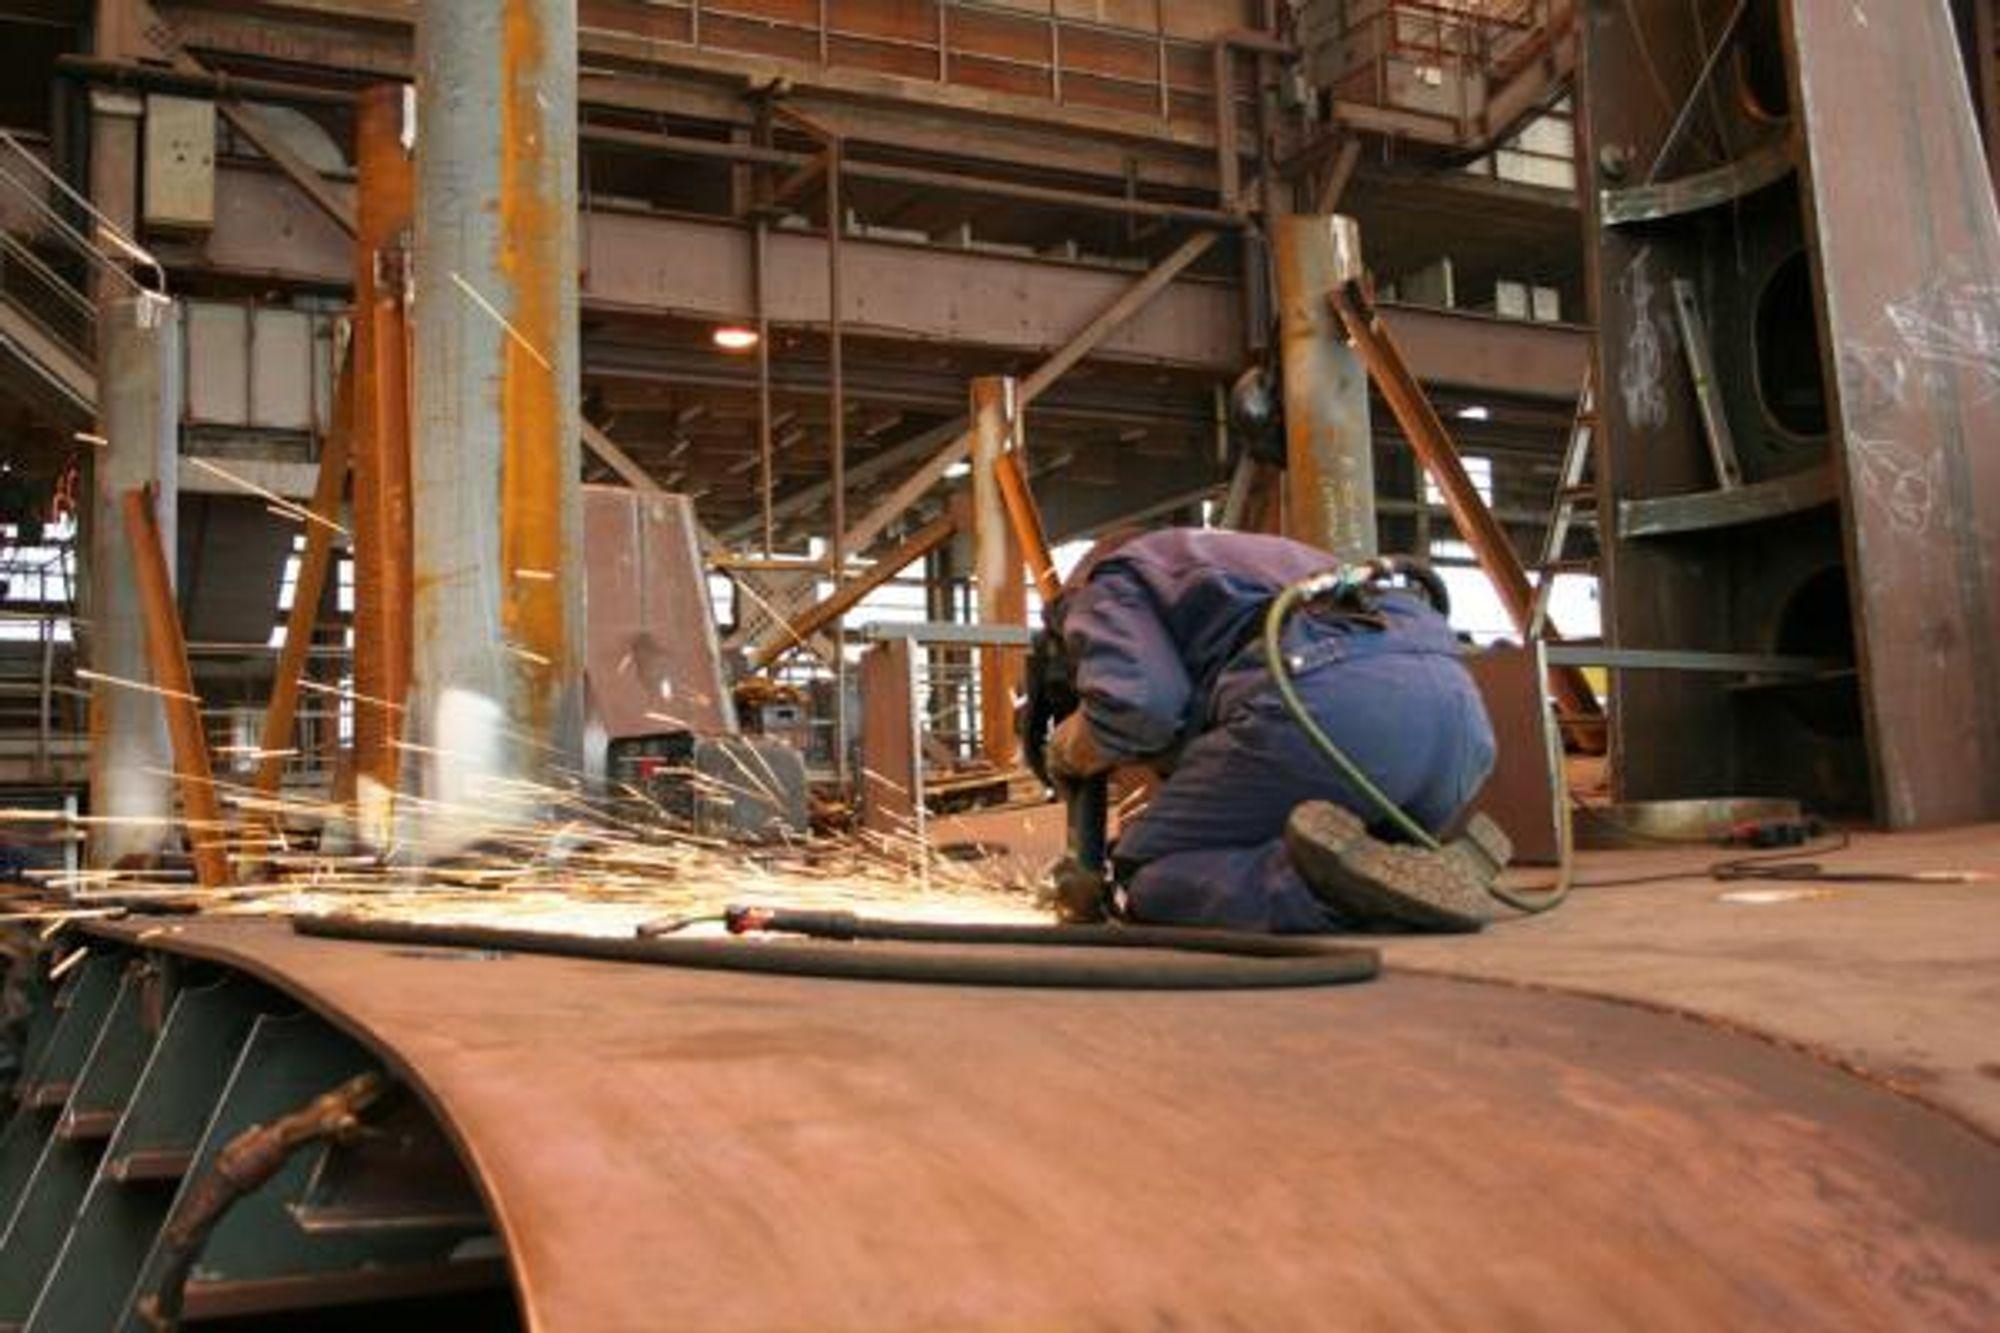 FREMGANG: Neste år vil industrien trolig investere 28 prosent mer enn i år.